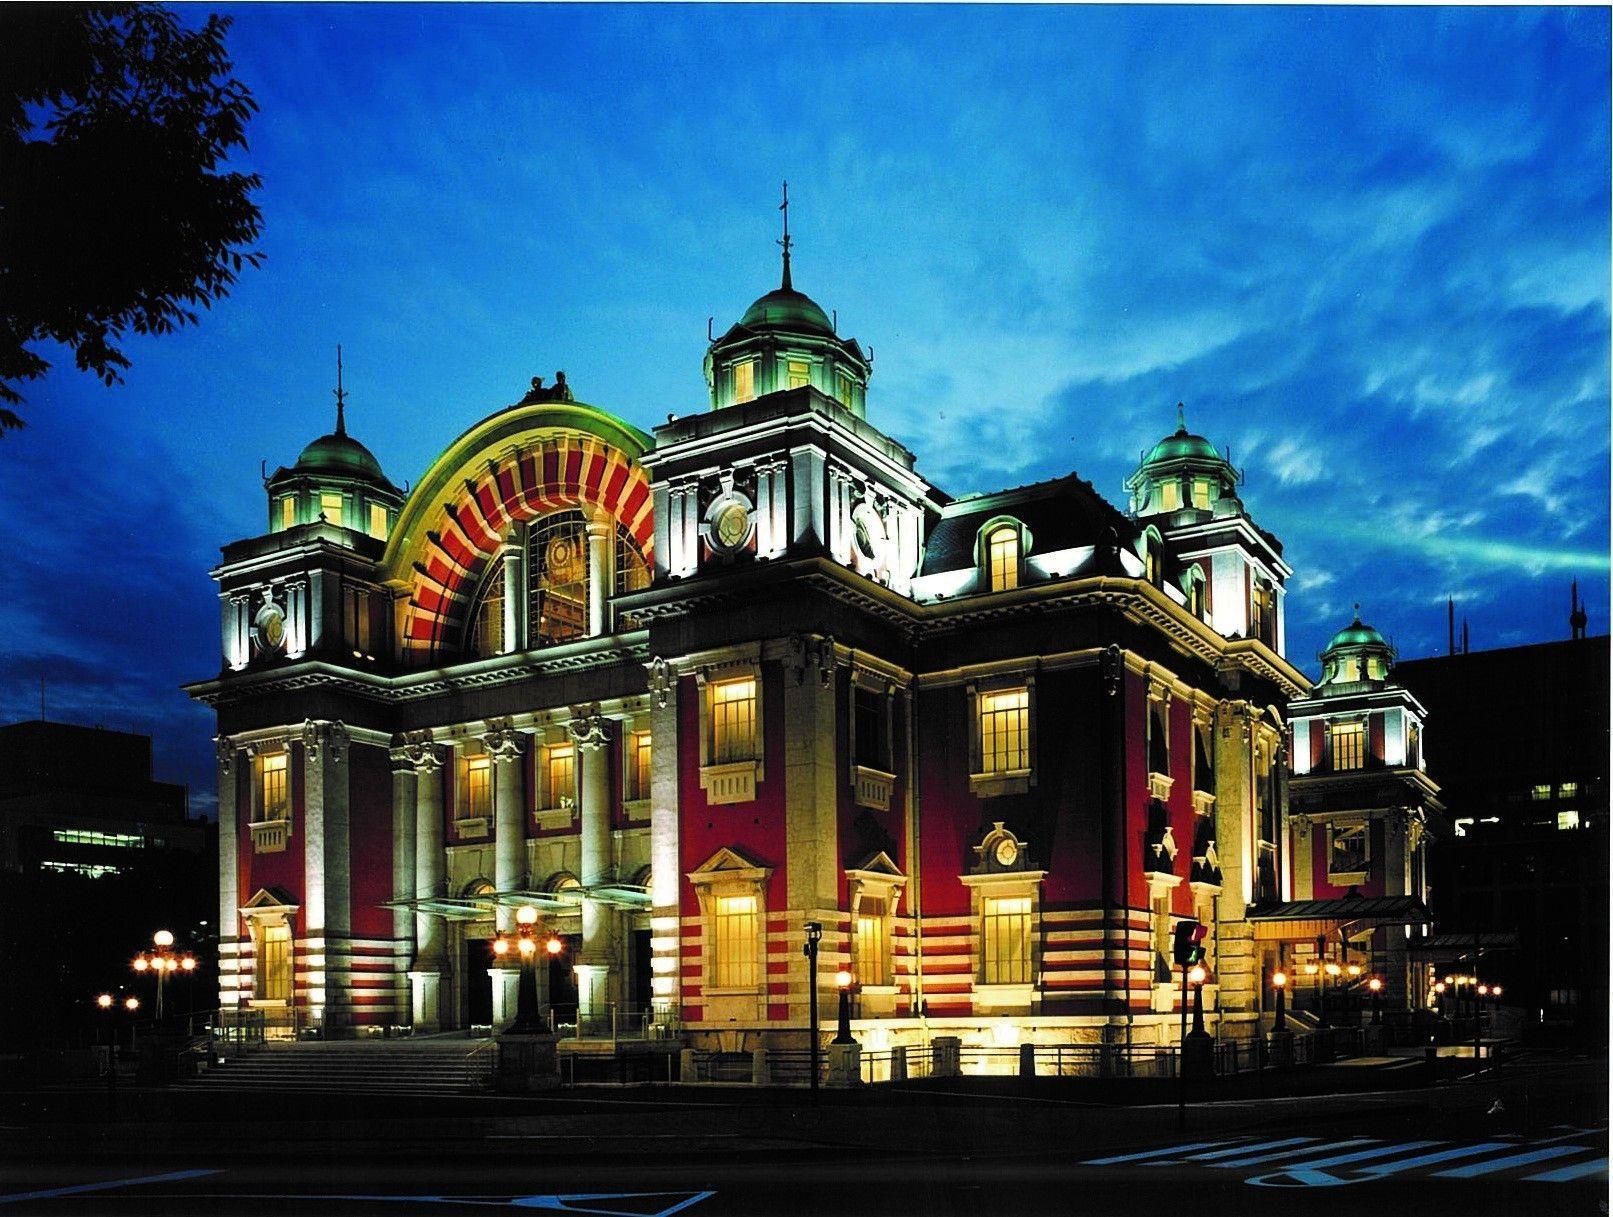 ~京阪電車中之島線開業10周年、大阪市中央公会堂開館100周年記念~第42回京阪・文化フォーラム「花と建築 建築と華」を10月27日(土)に開催します